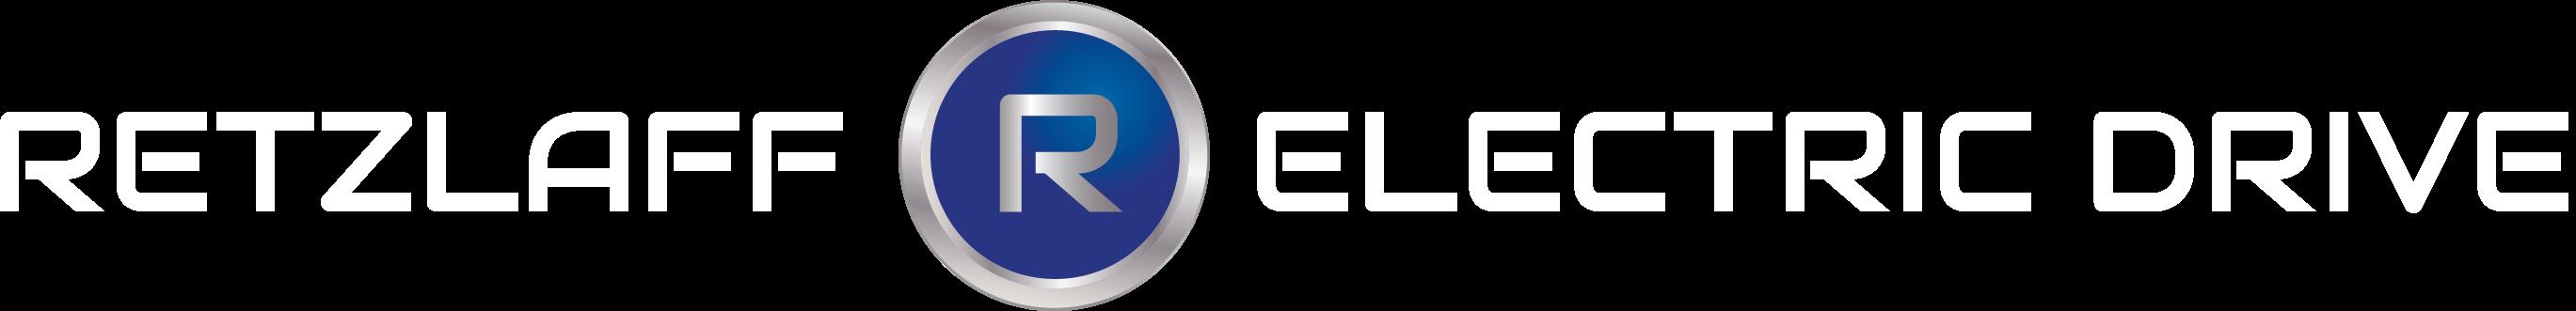 500elektrisch.de – FIAT 500 ELEKTRISCH – VERKAUF WERKSTATT SERVICE IN AHRENSFELDE BLUMBERG BERLIN